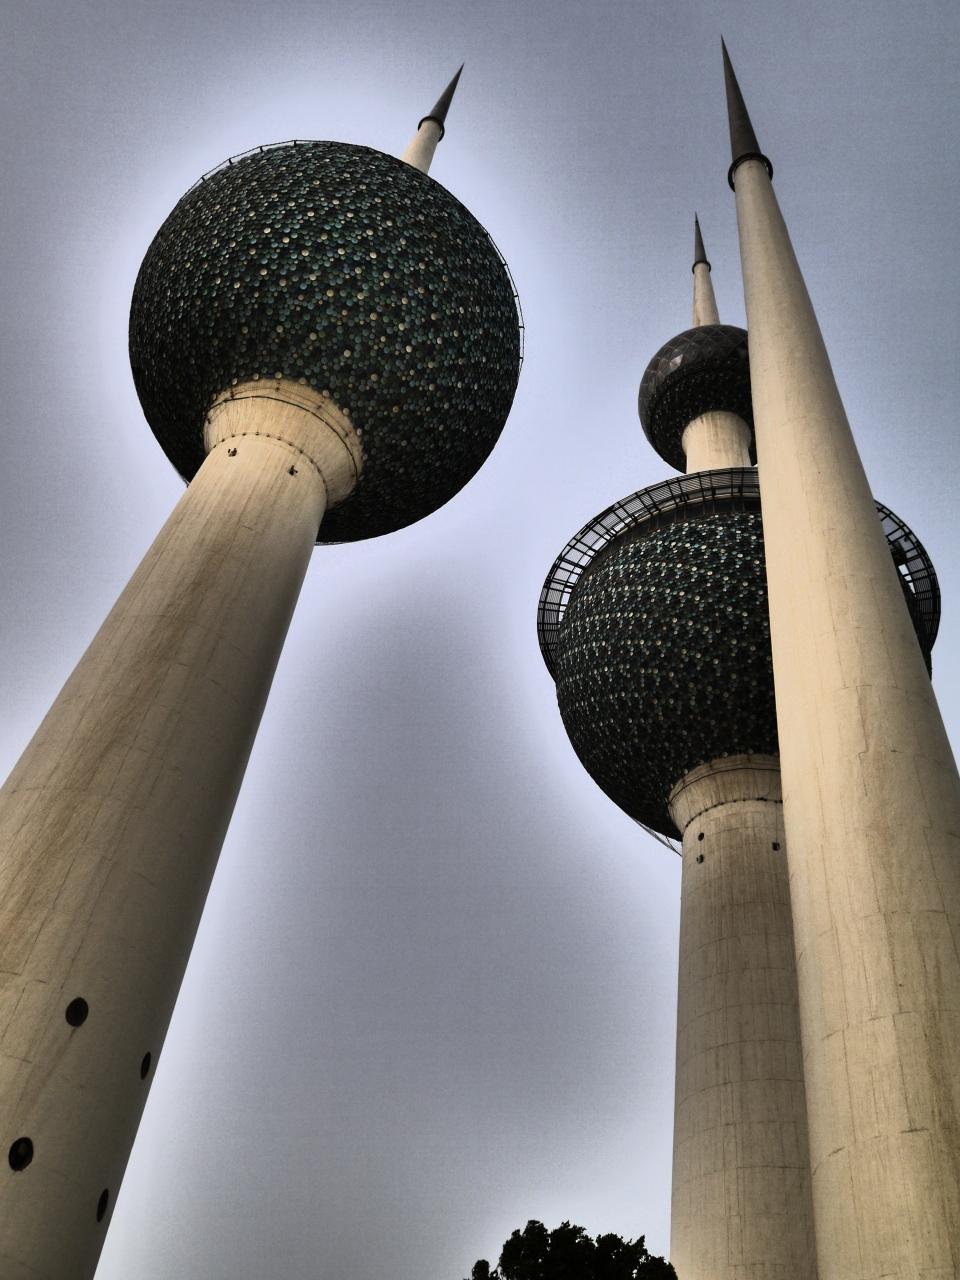 ラマダン(断食月)真っ最中のクウェート...